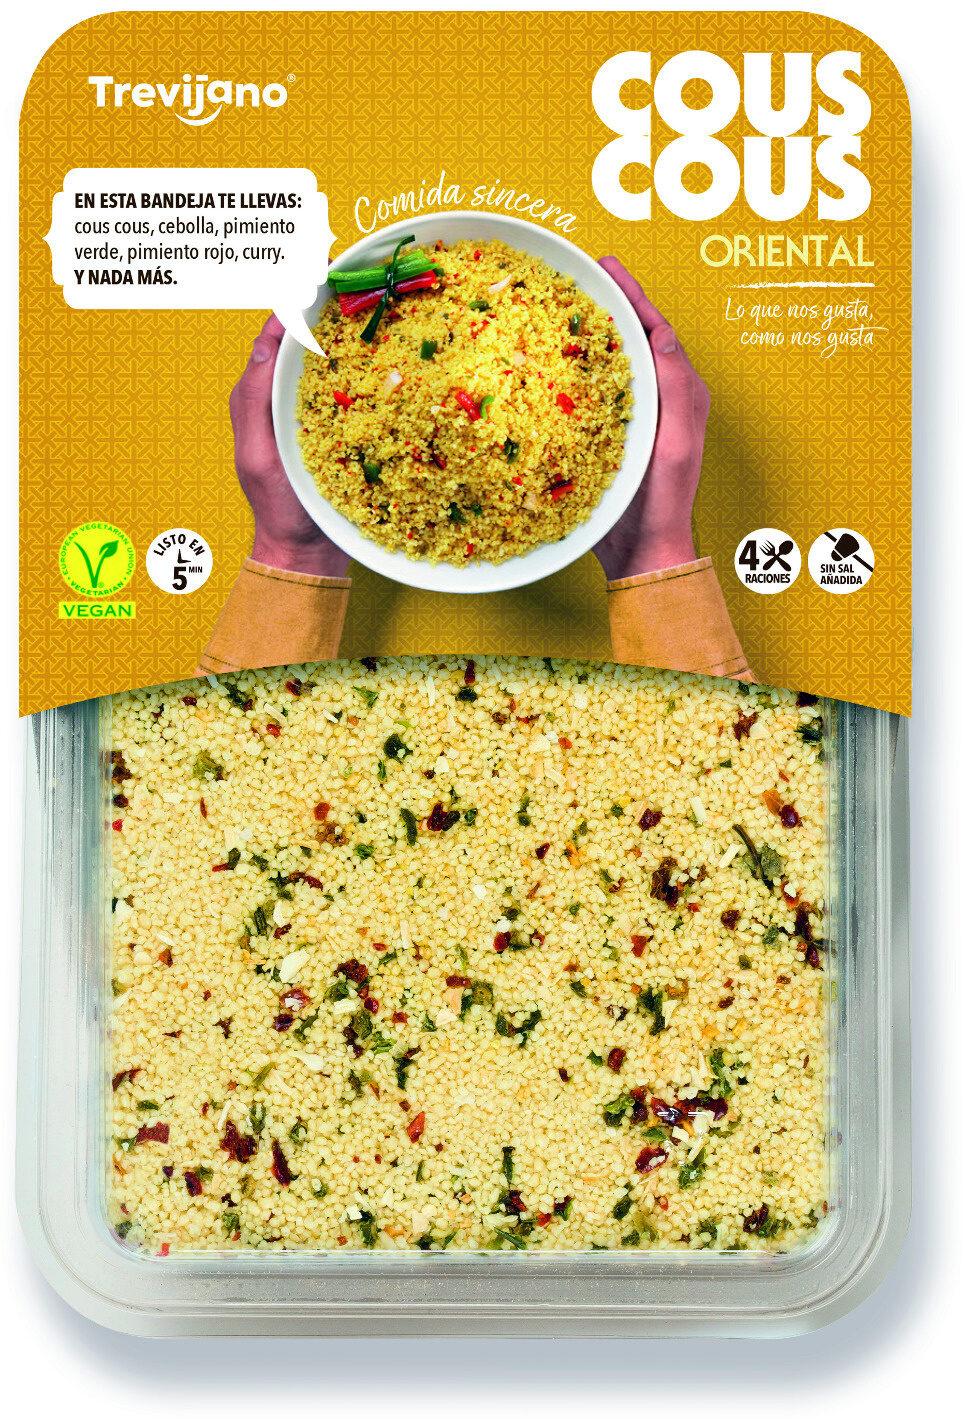 Orientalischer Couscous - 4 Portionen - Producto - es